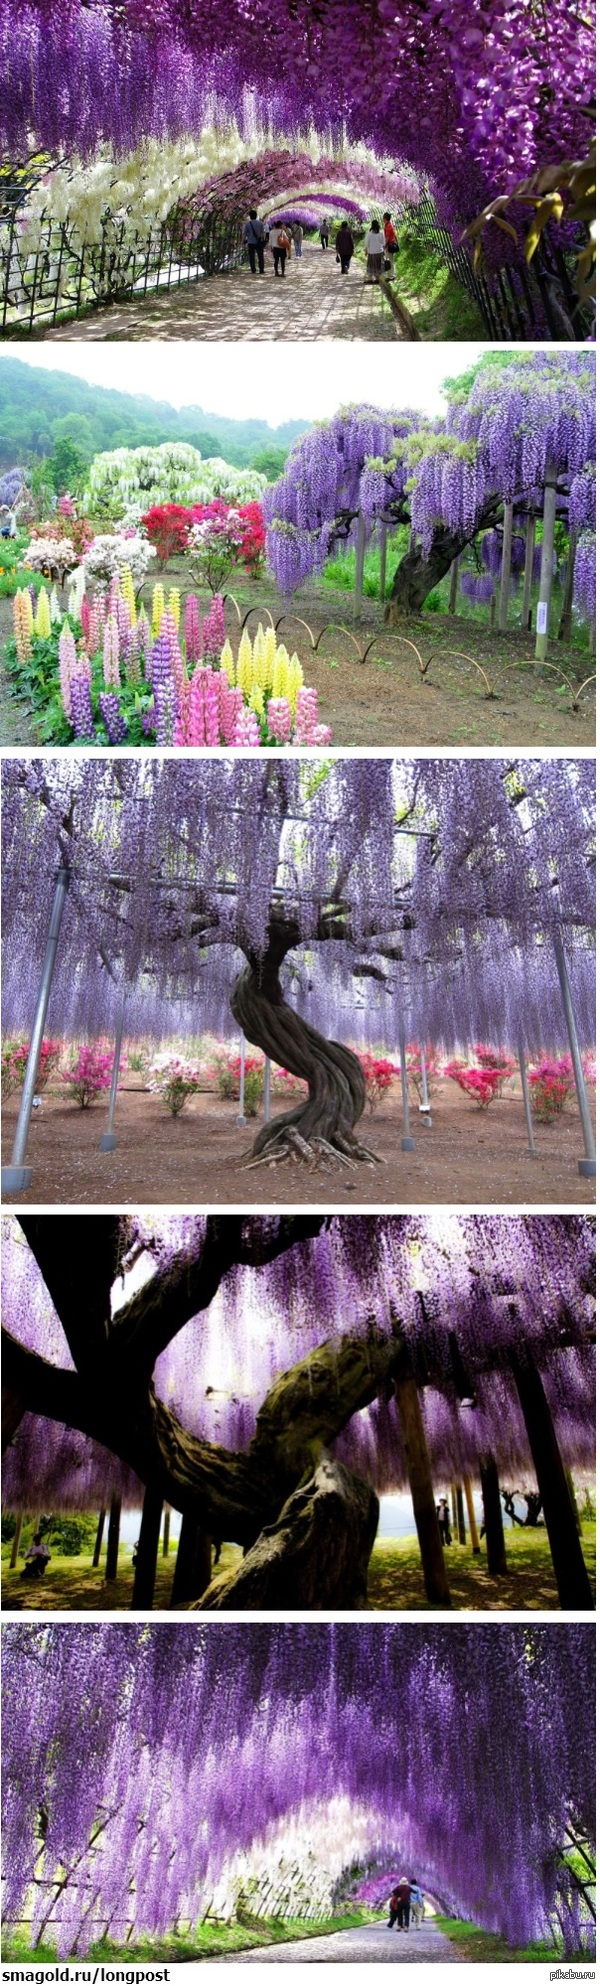 Тоннель глициний в японском саду цветов Сад называется Кавати Фудзи, находится в 4х часах езды от Токио